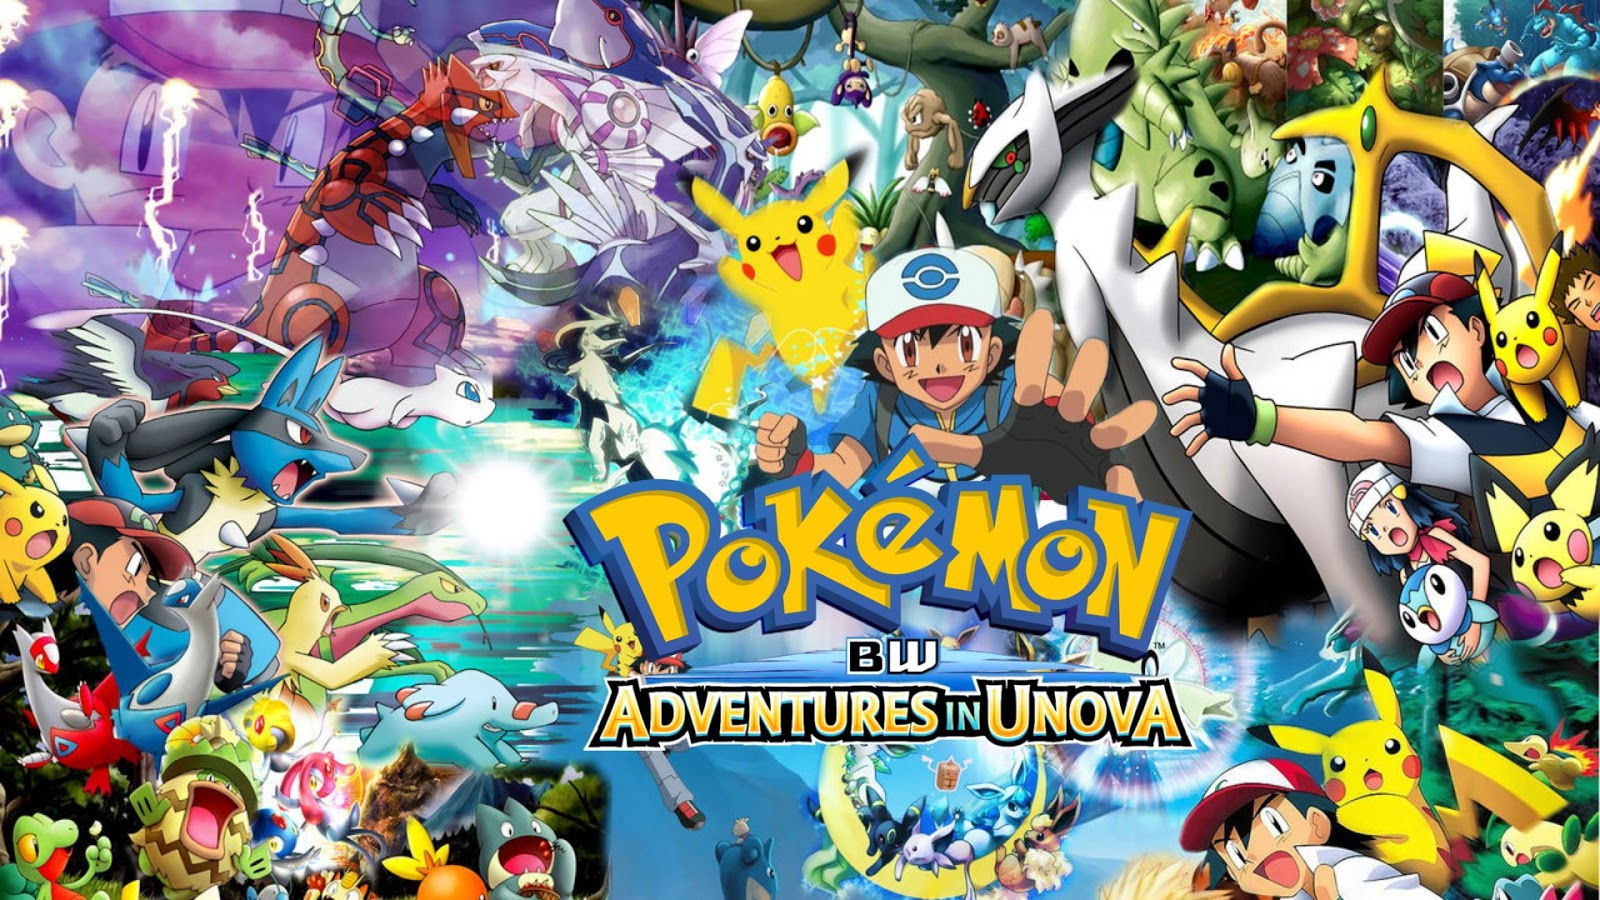 Pokemon Season 16 Black & White: Adventures in Unova ...